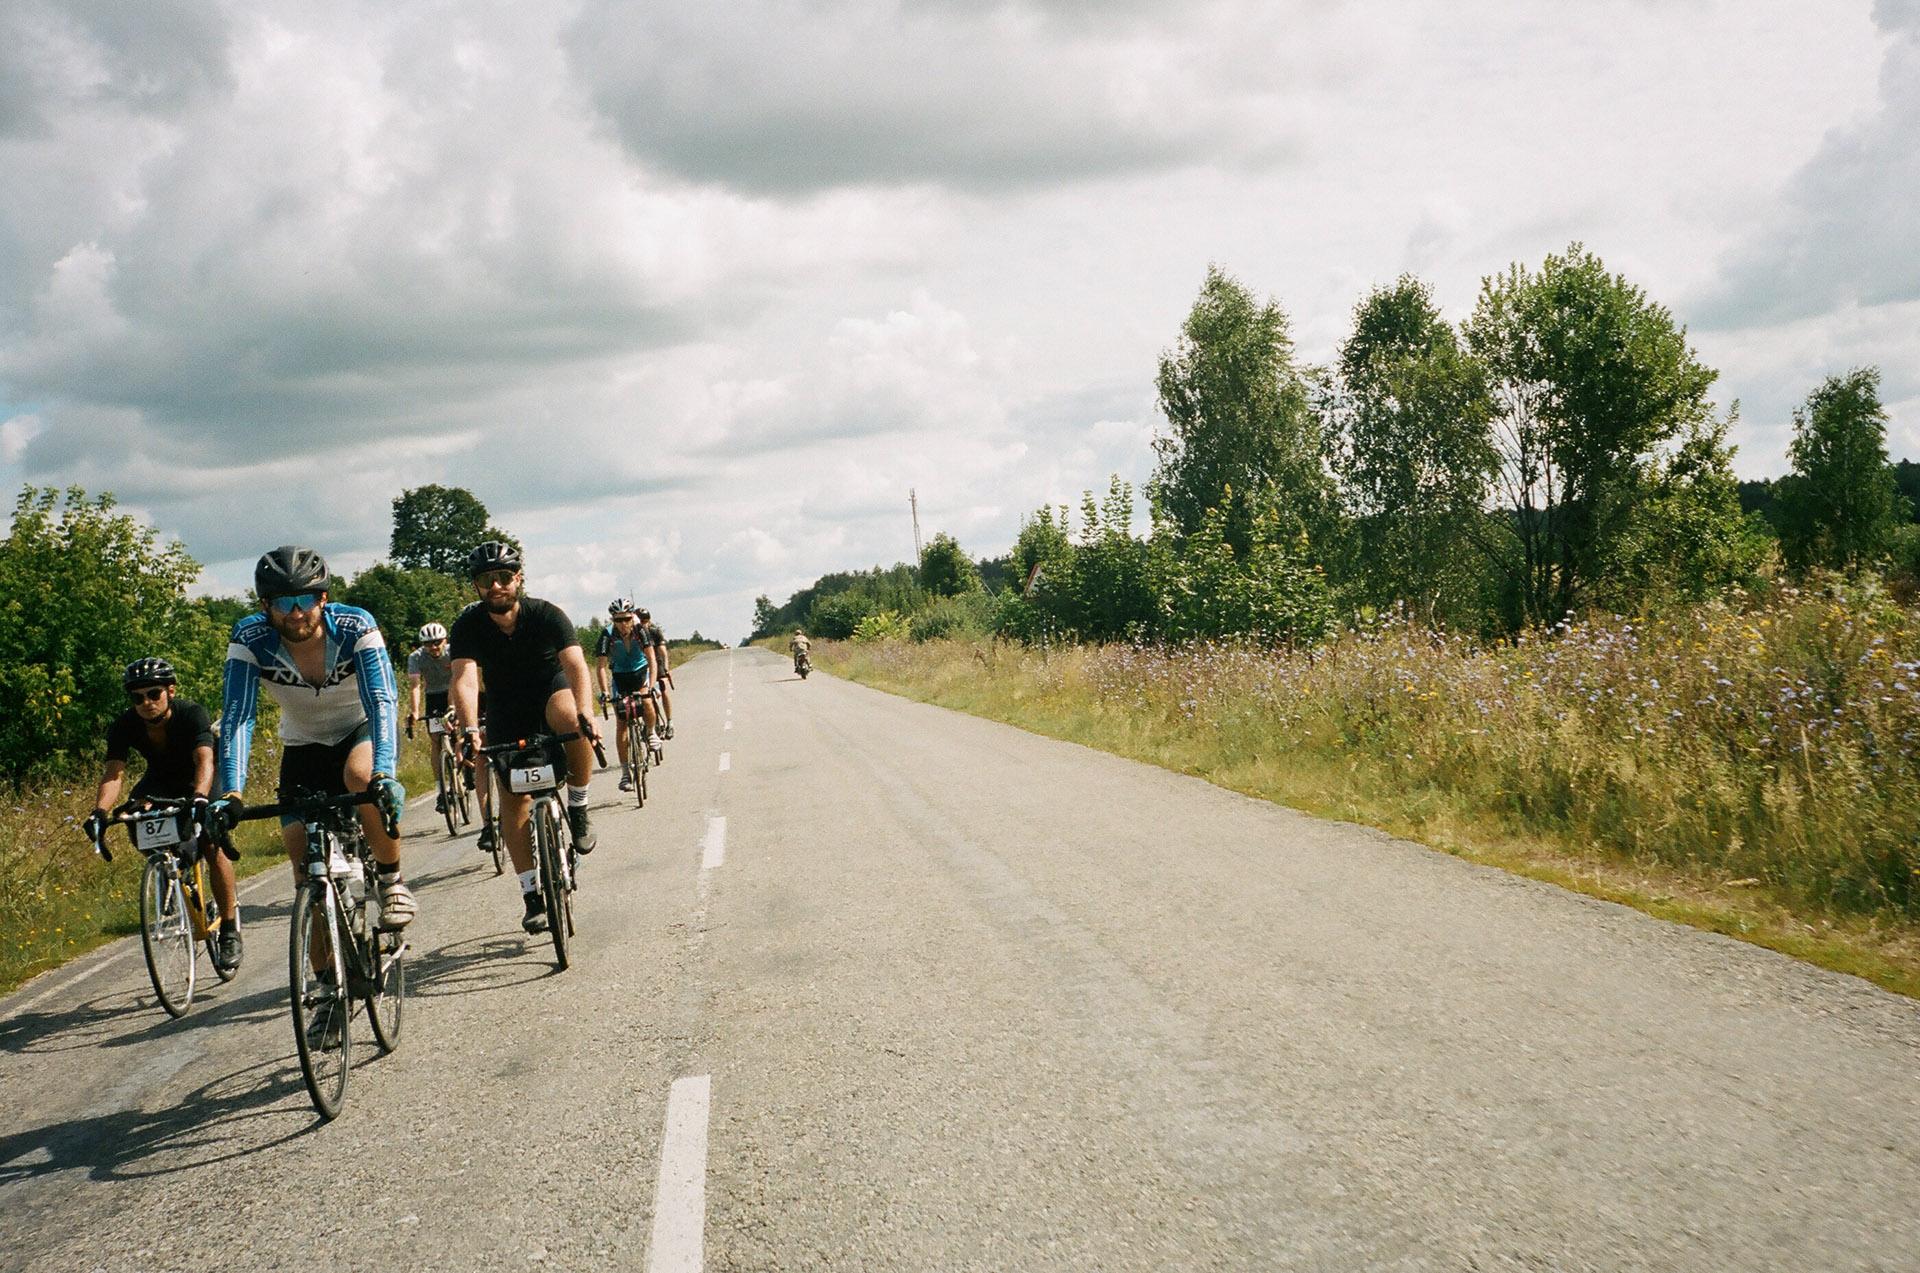 Група людей верхи на конях на грунтовій дорозі